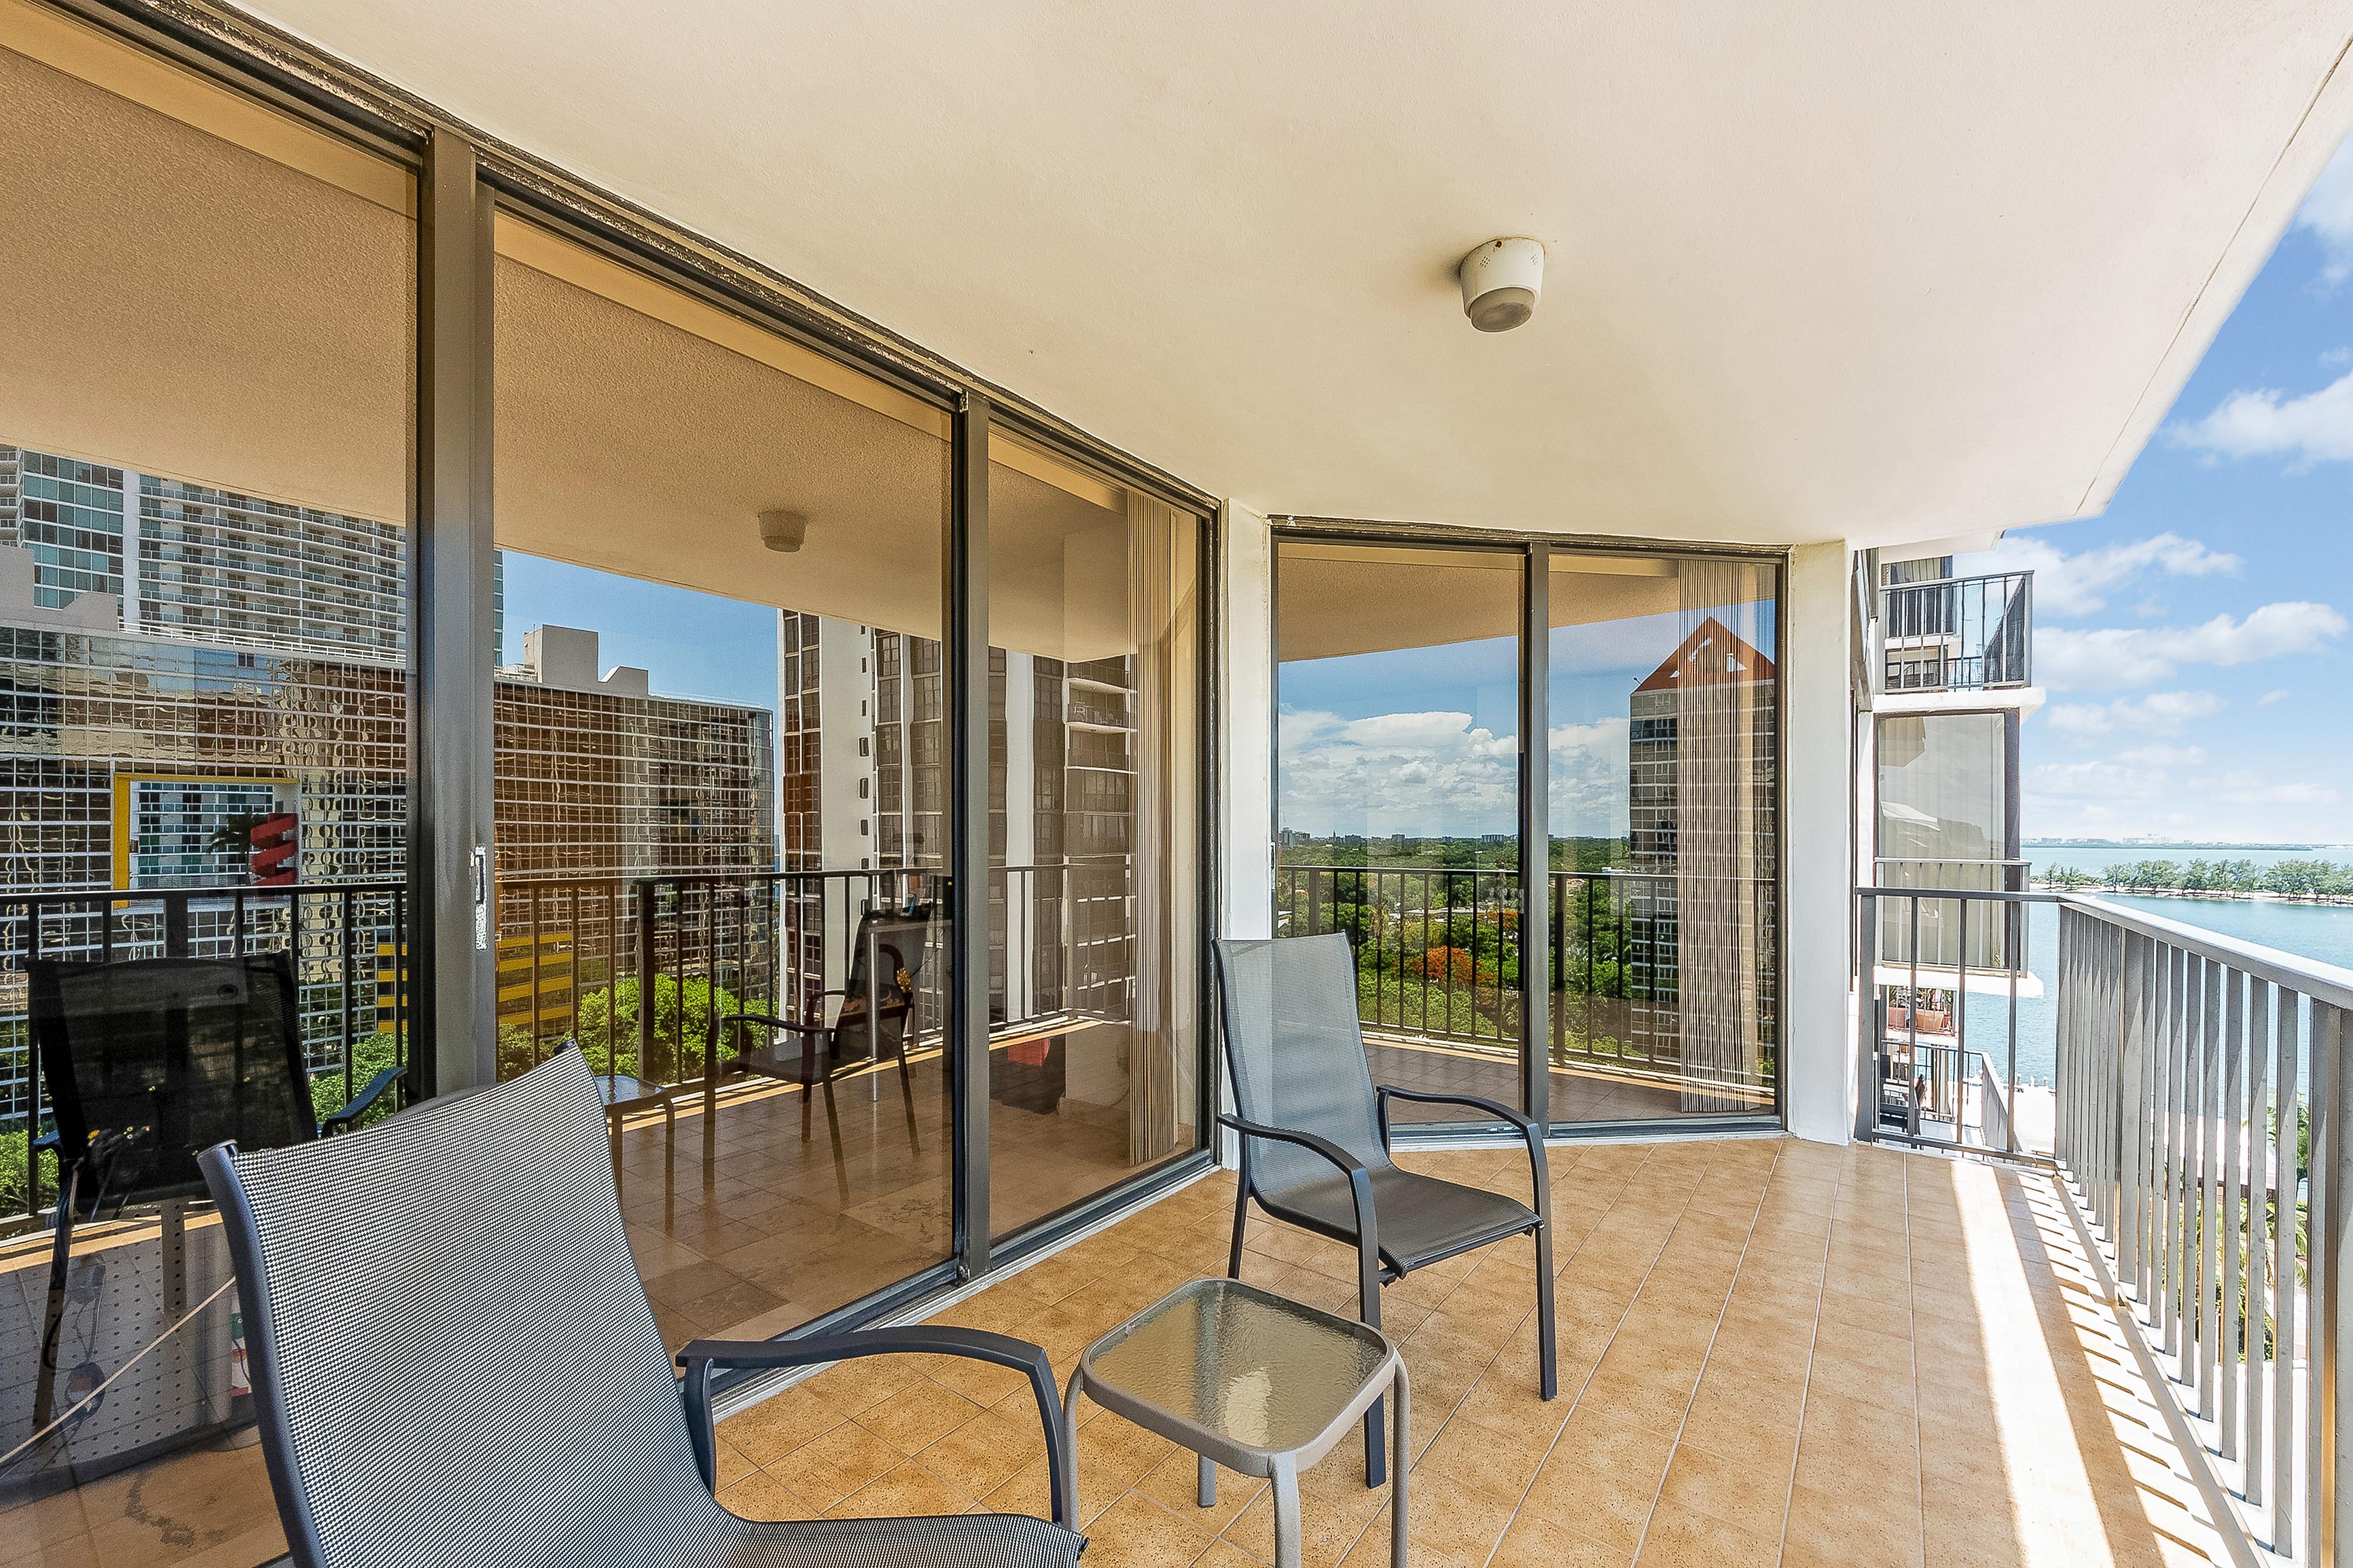 Condominium for Sale at 1915 Brickell Ave #C1412 1915 Brickell Ave C1412 Miami, Florida, 33129 United States